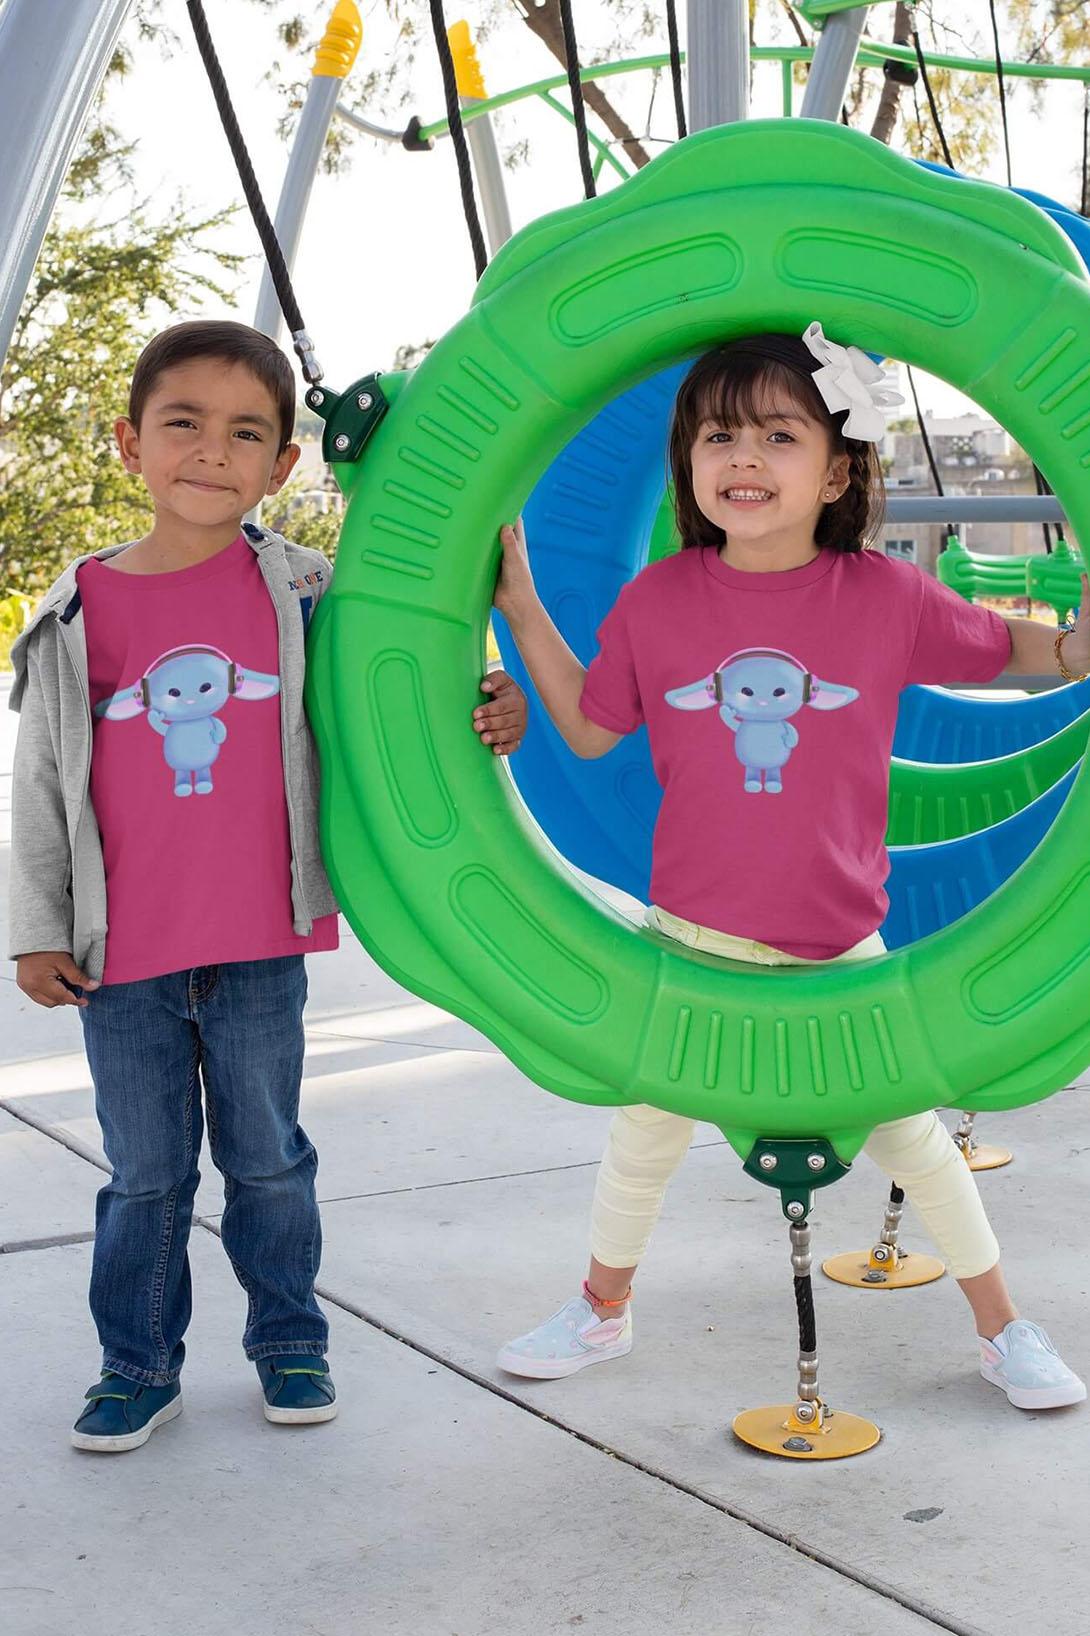 MMO Detské tričko Zajac so slúchadlami Vyberte farbu:: Denim, Detská veľkosť: 122/6 rokov